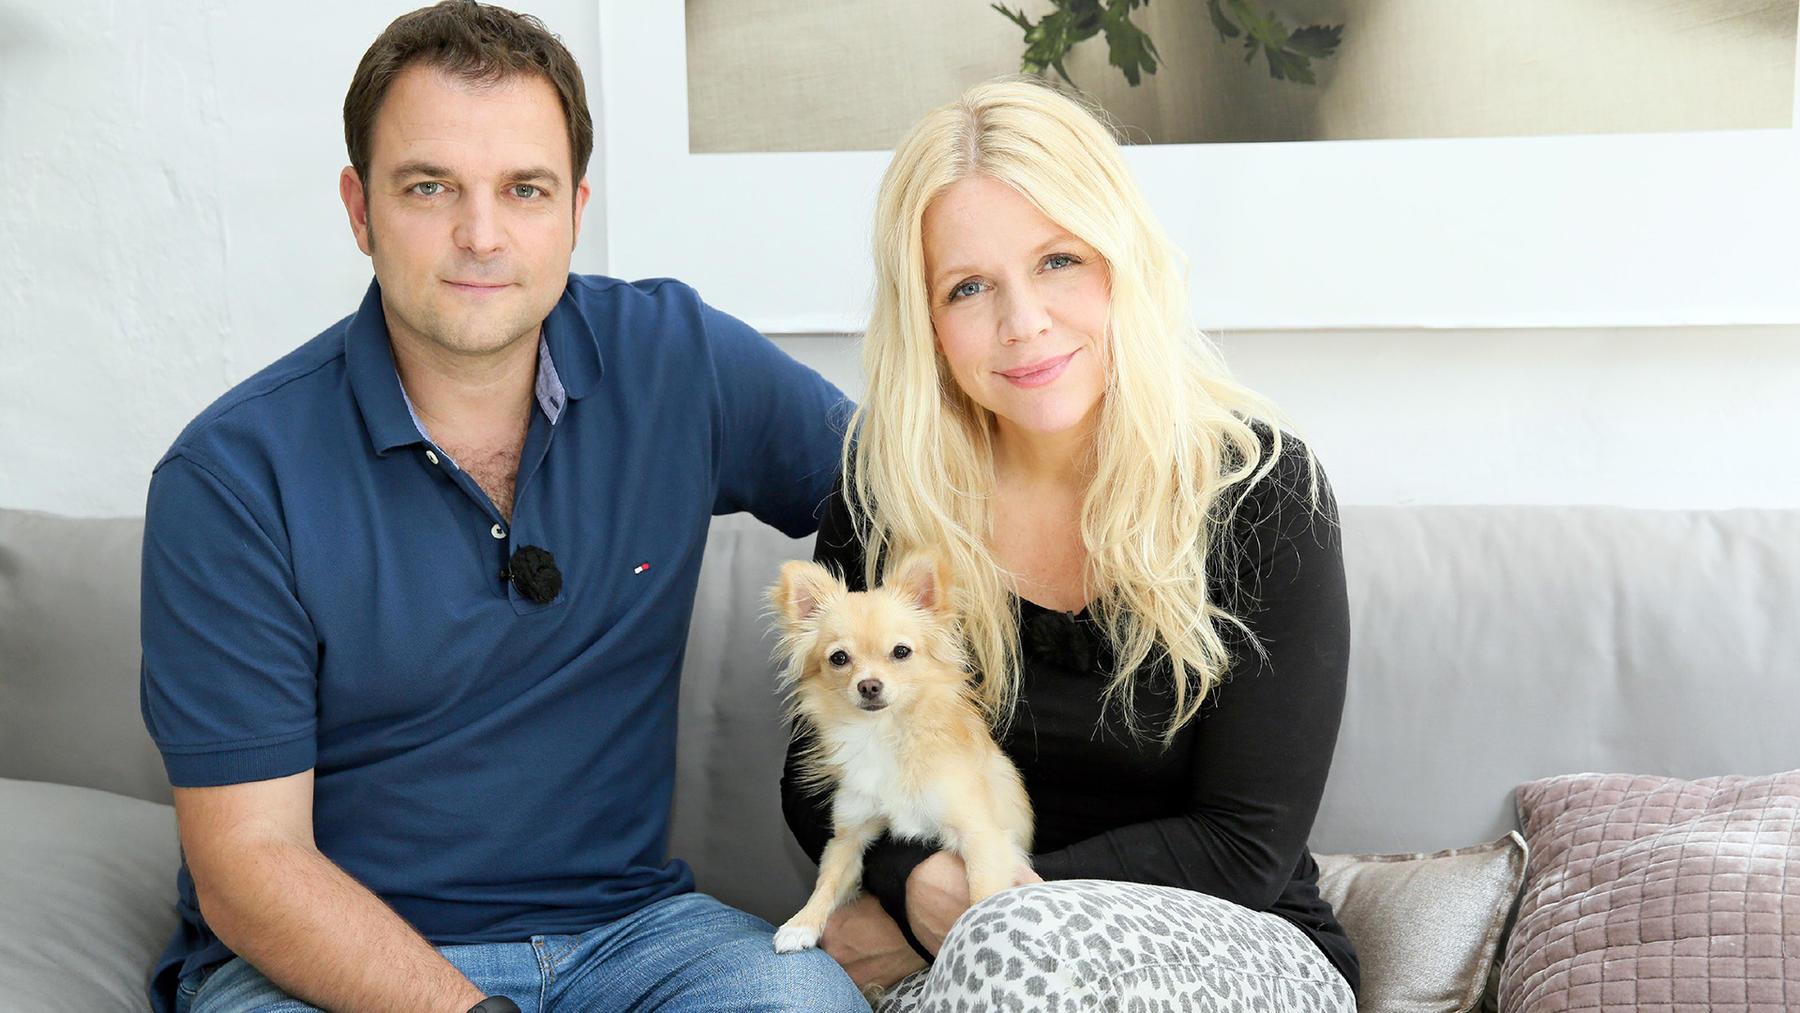 Heute u.a.: Charlotte Karlinder und ihr Chihuahua